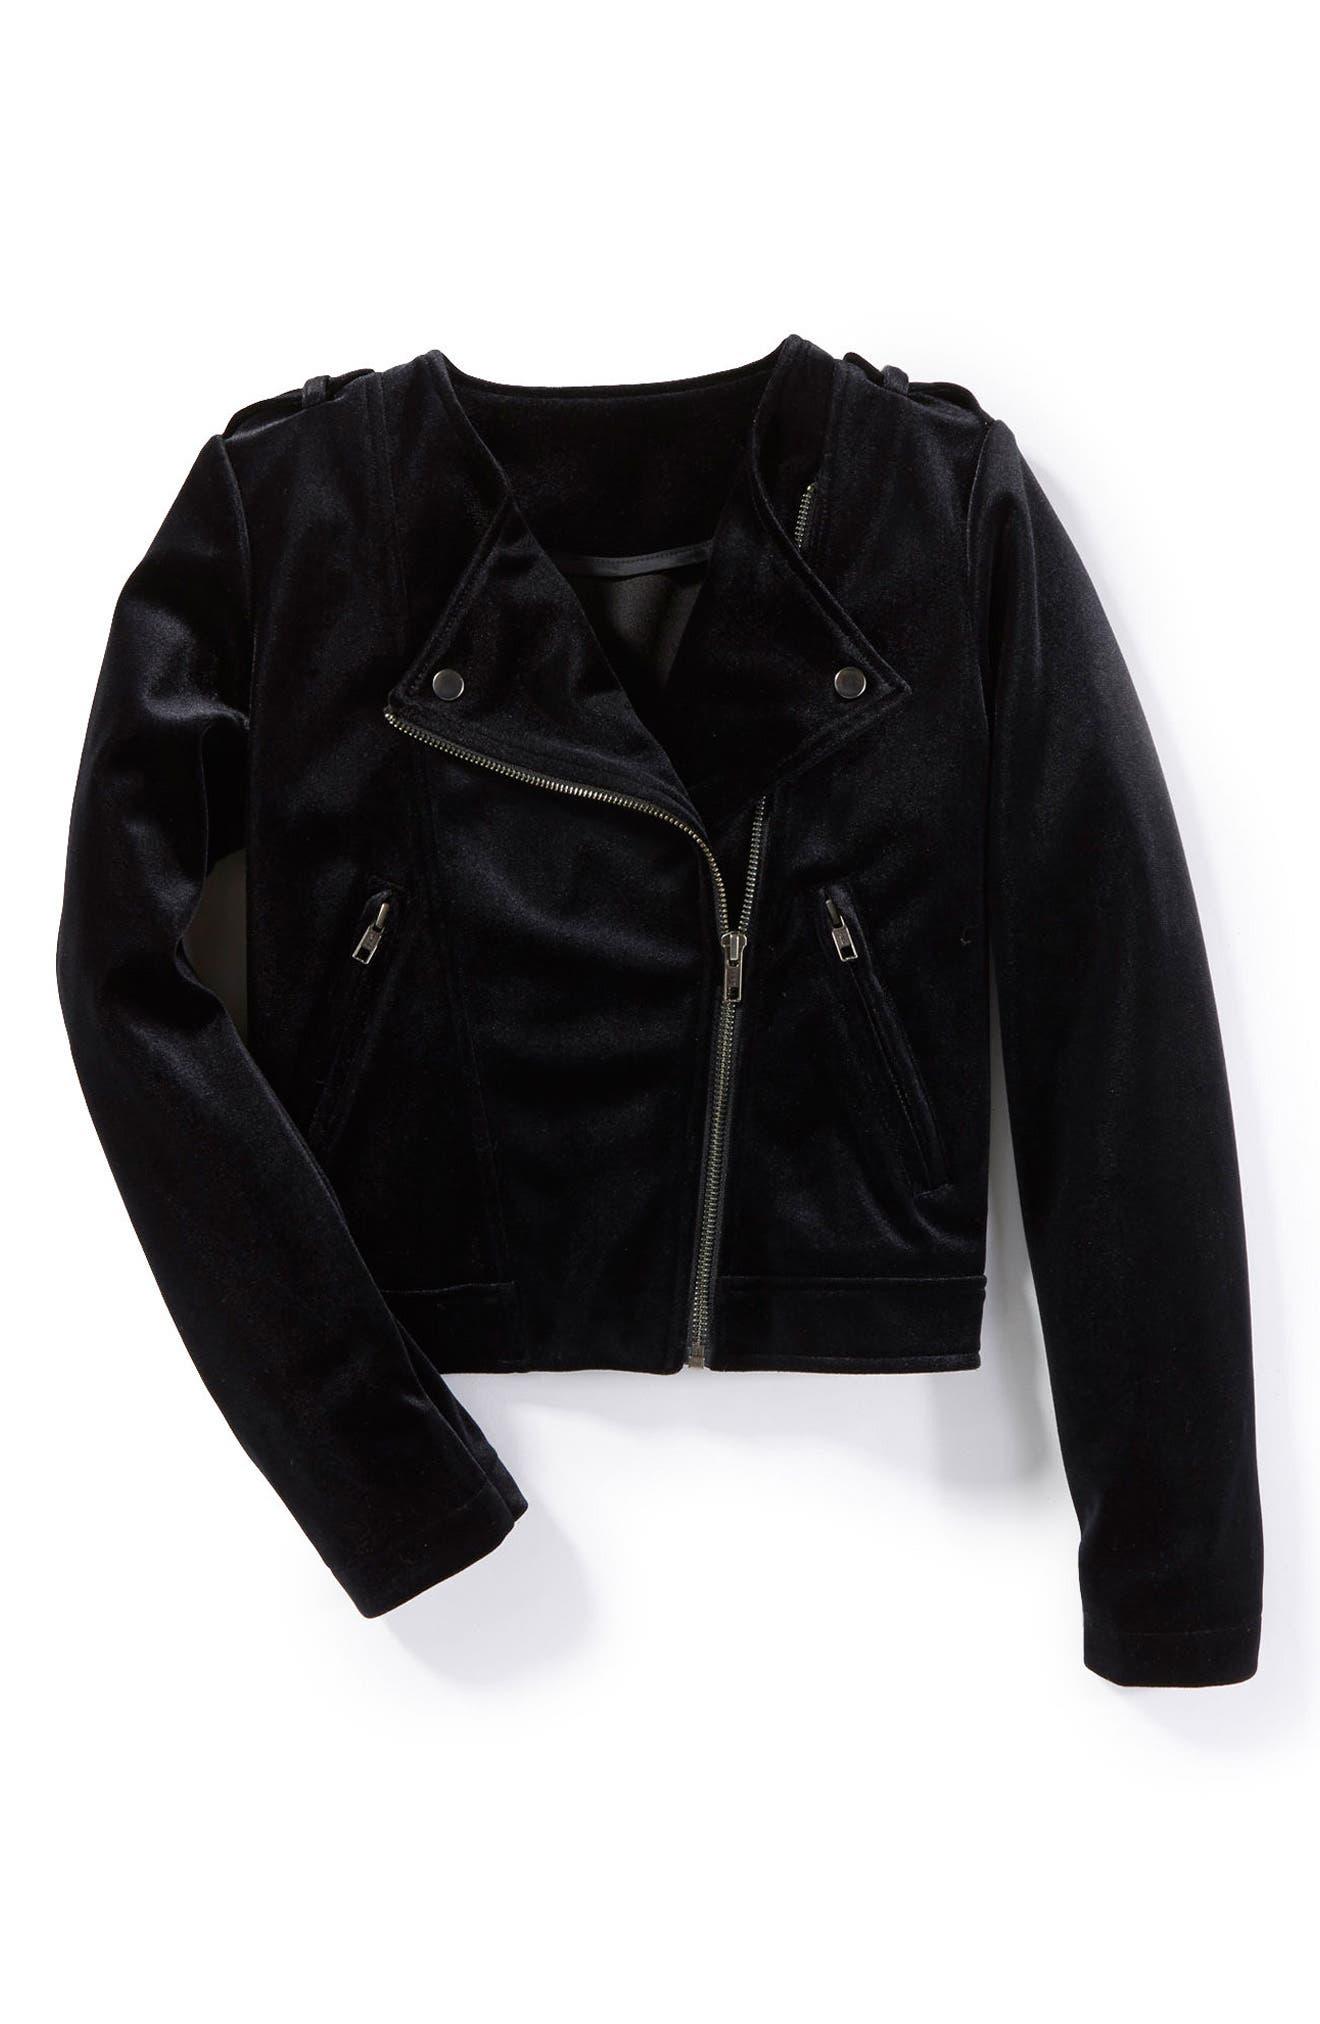 Alternate Image 1 Selected - Peek Crushed Velvet Moto Jacket (Toddler Girls, Little Girls & Big Girls)